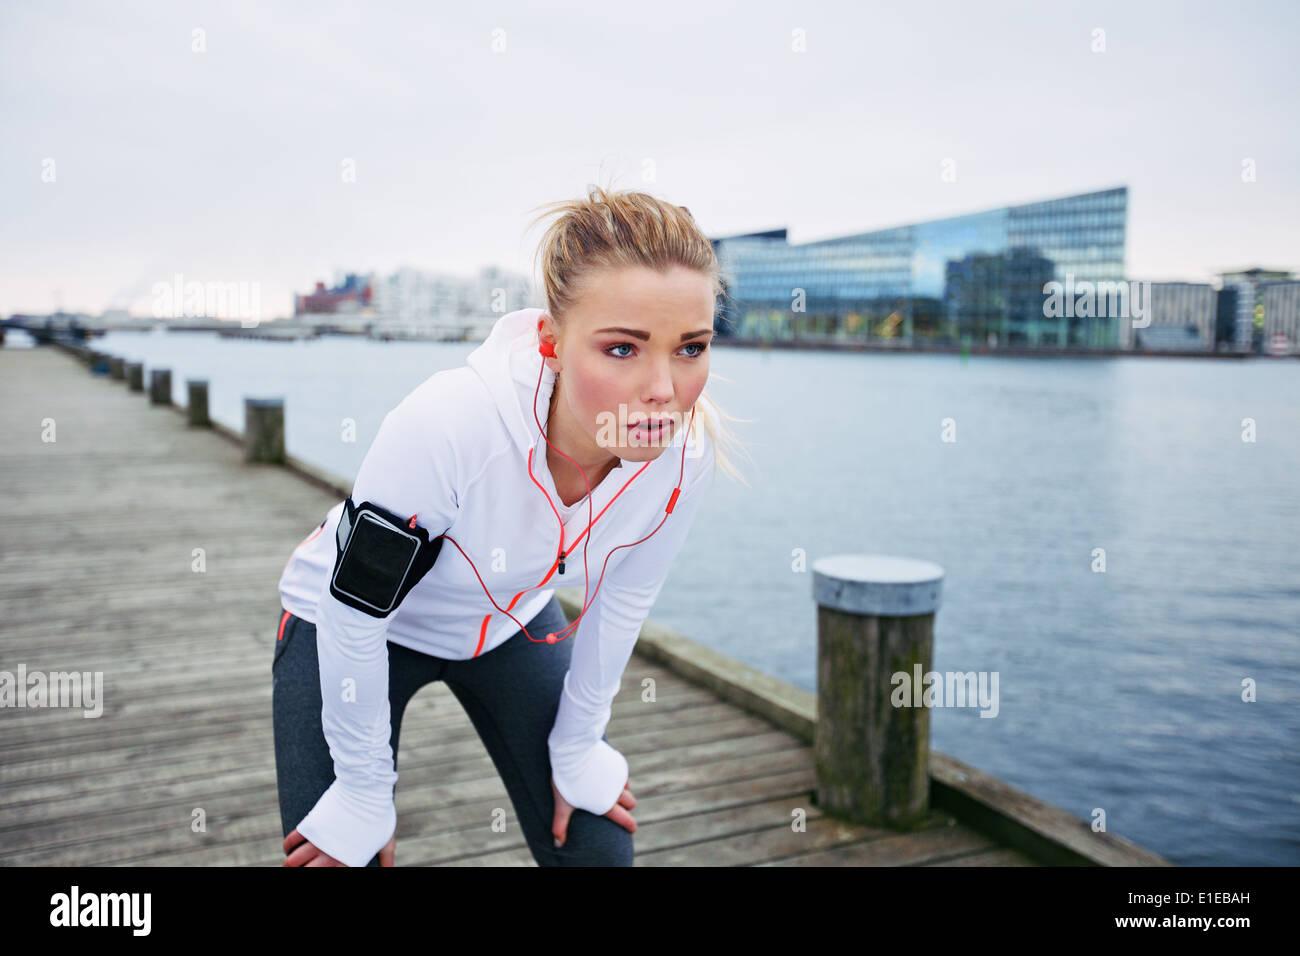 Giovani femmine runner fermandosi per un riposo mentre fuori su una corsa lungo il fiume. Donna Fitness prendendo una pausa dalla sessione di formazione. Immagini Stock